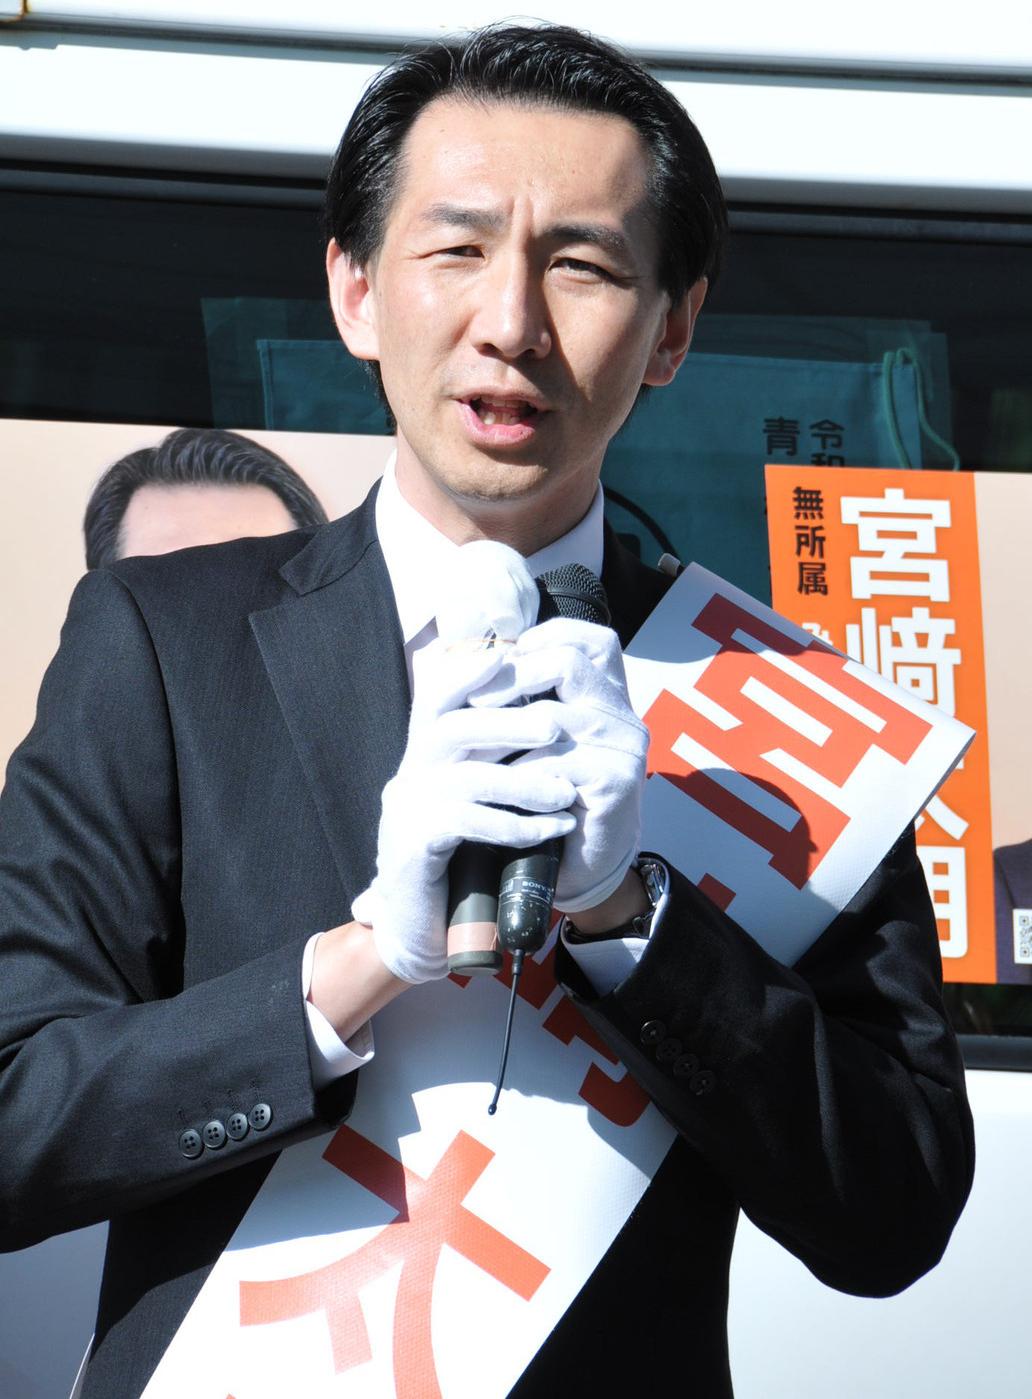 宮崎太朗 市長候補